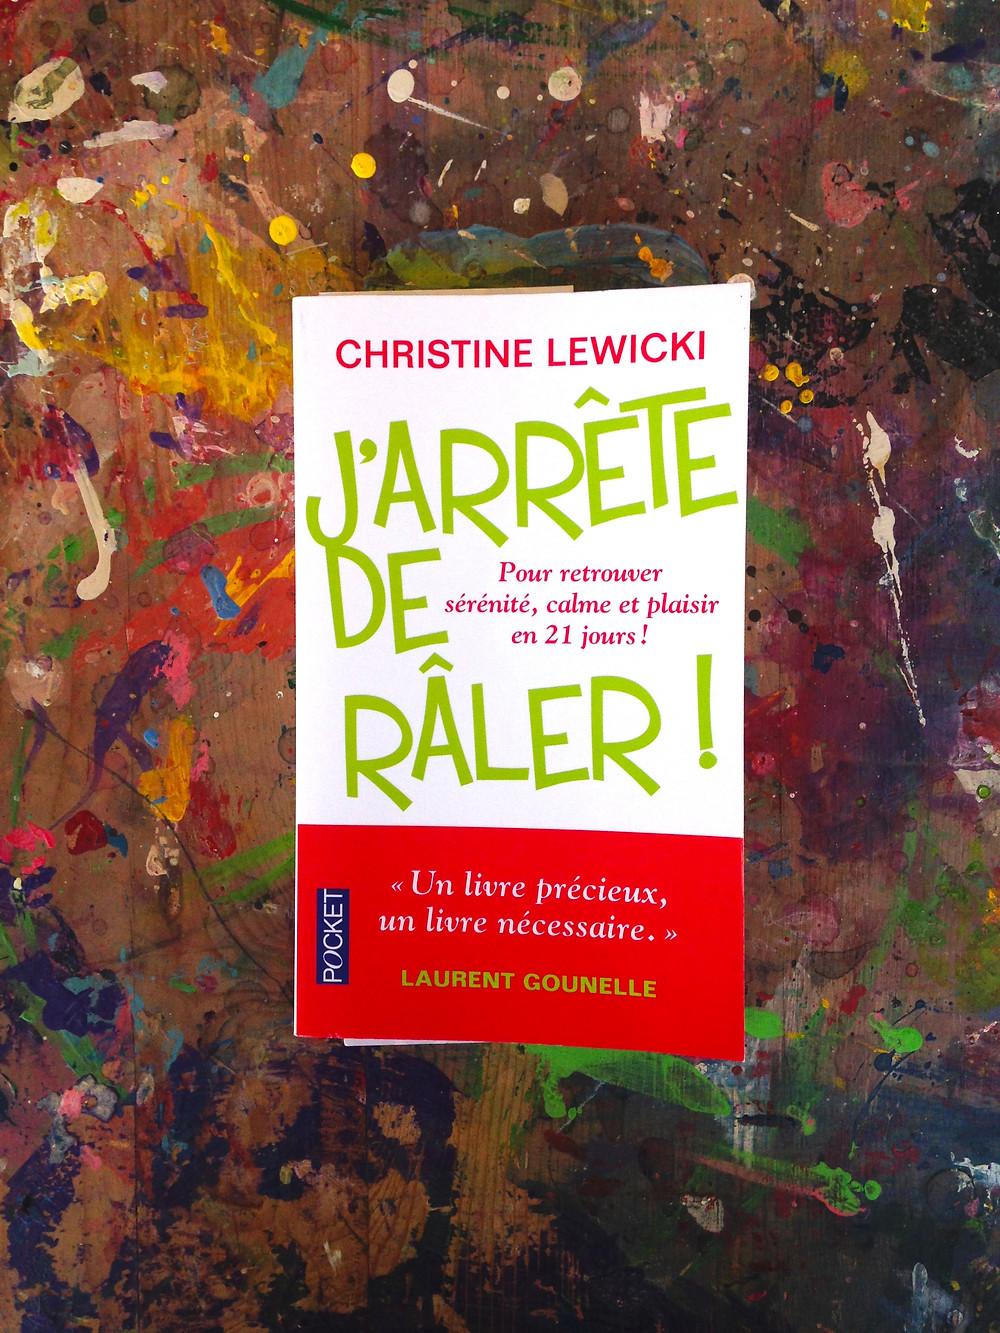 """Photo du livre """"J'arrête de râler"""" de Christine Lewicki (1)"""